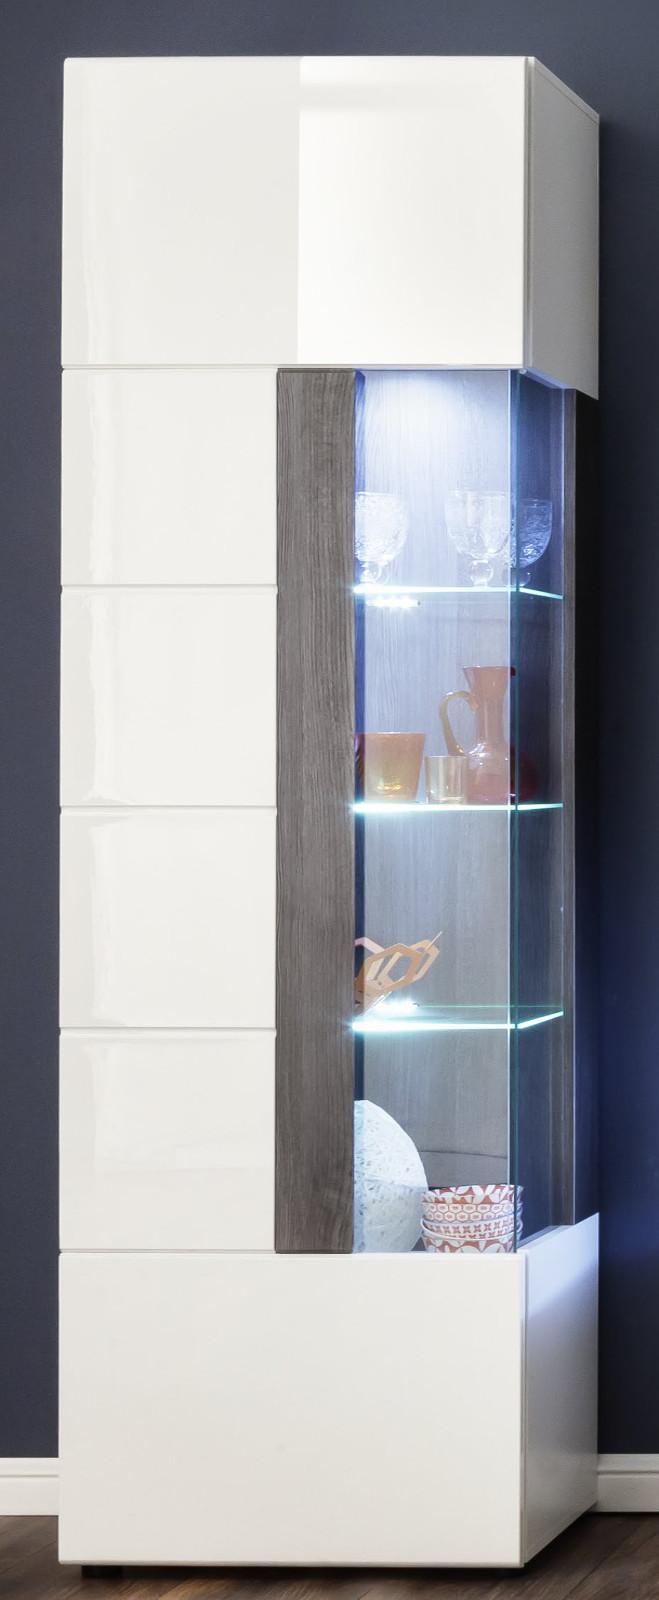 vitrine tokyo in hochglanz wei und grau sardegna. Black Bedroom Furniture Sets. Home Design Ideas